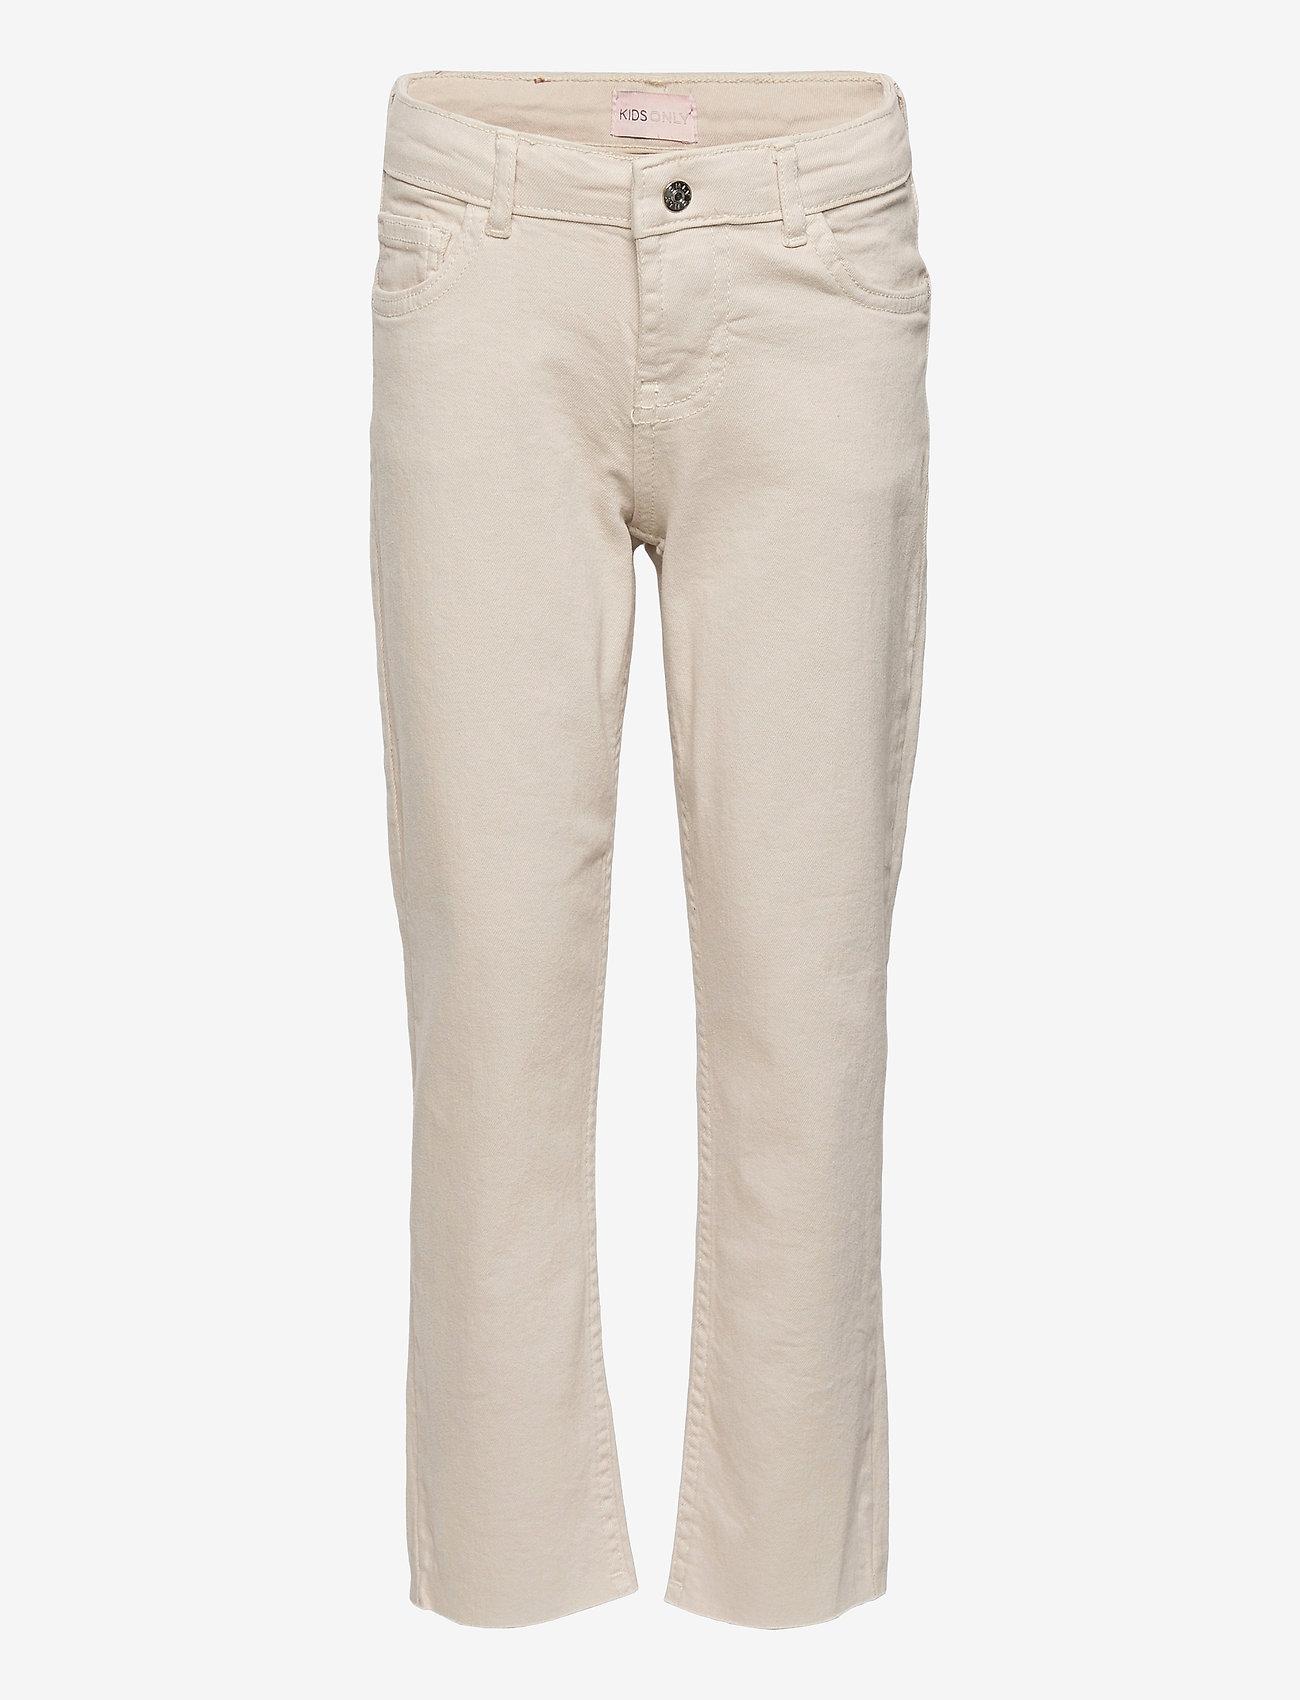 Kids Only - KONEMILY ST ECRU RAW EDGE PANT PNT - jeans - ecru - 0